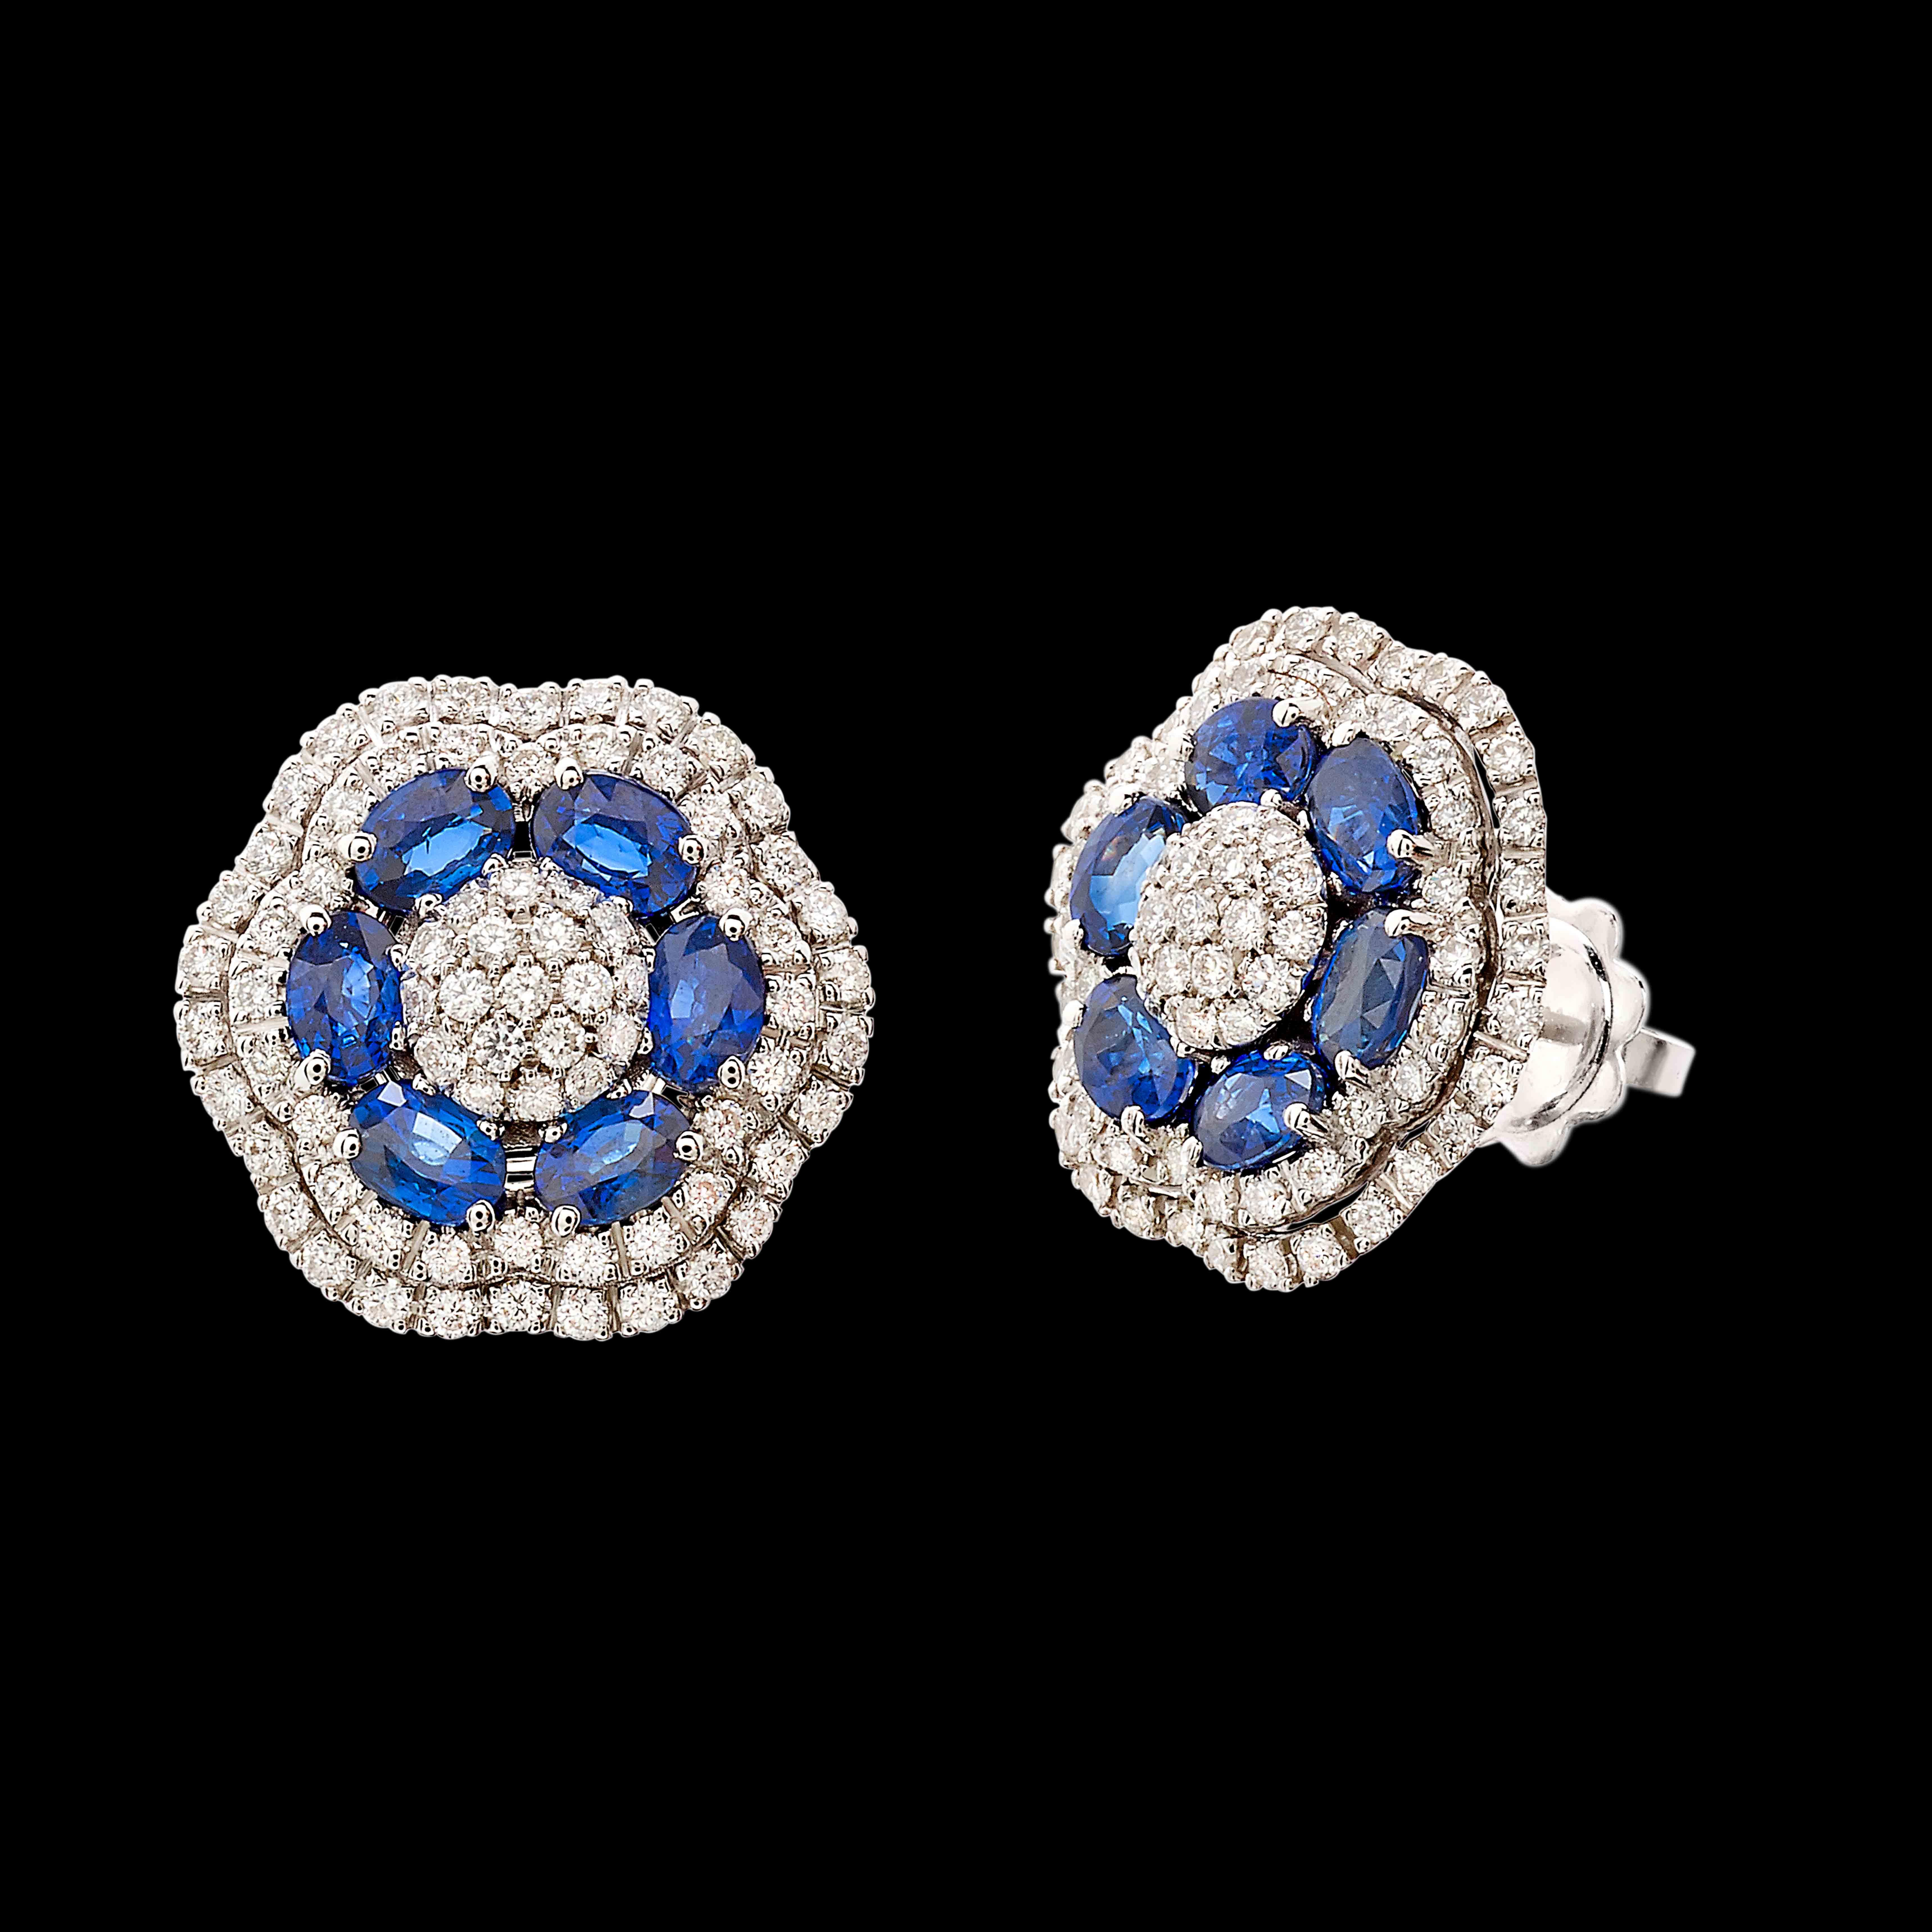 massimo raiteri exclusive jewellery earrings classic design  ruby gioielli orecchini ciondolo diamanti gioielleria rubini diamanti emerald smeraldi sapphire zaffiri